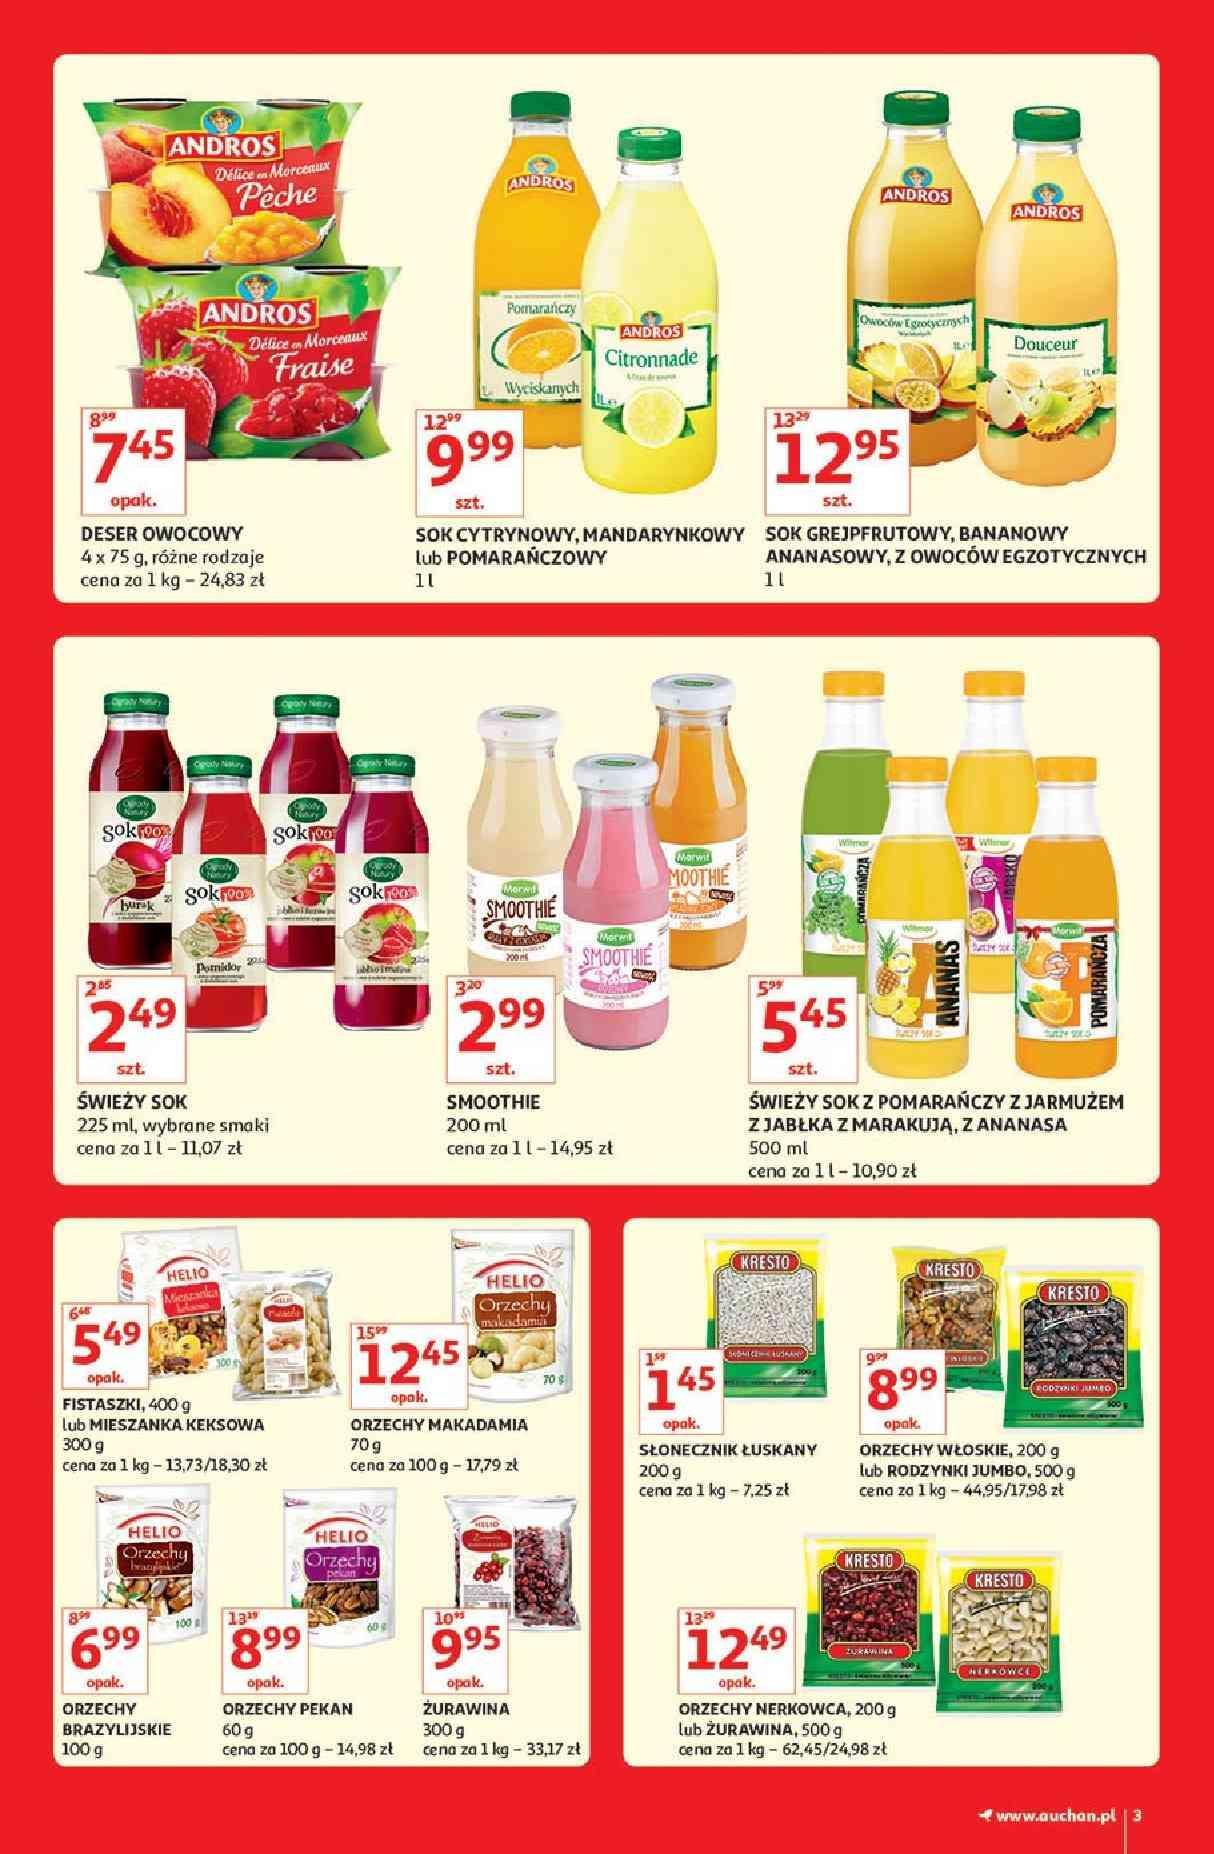 Gazetka promocyjna Auchan do 13/03/2019 str.3